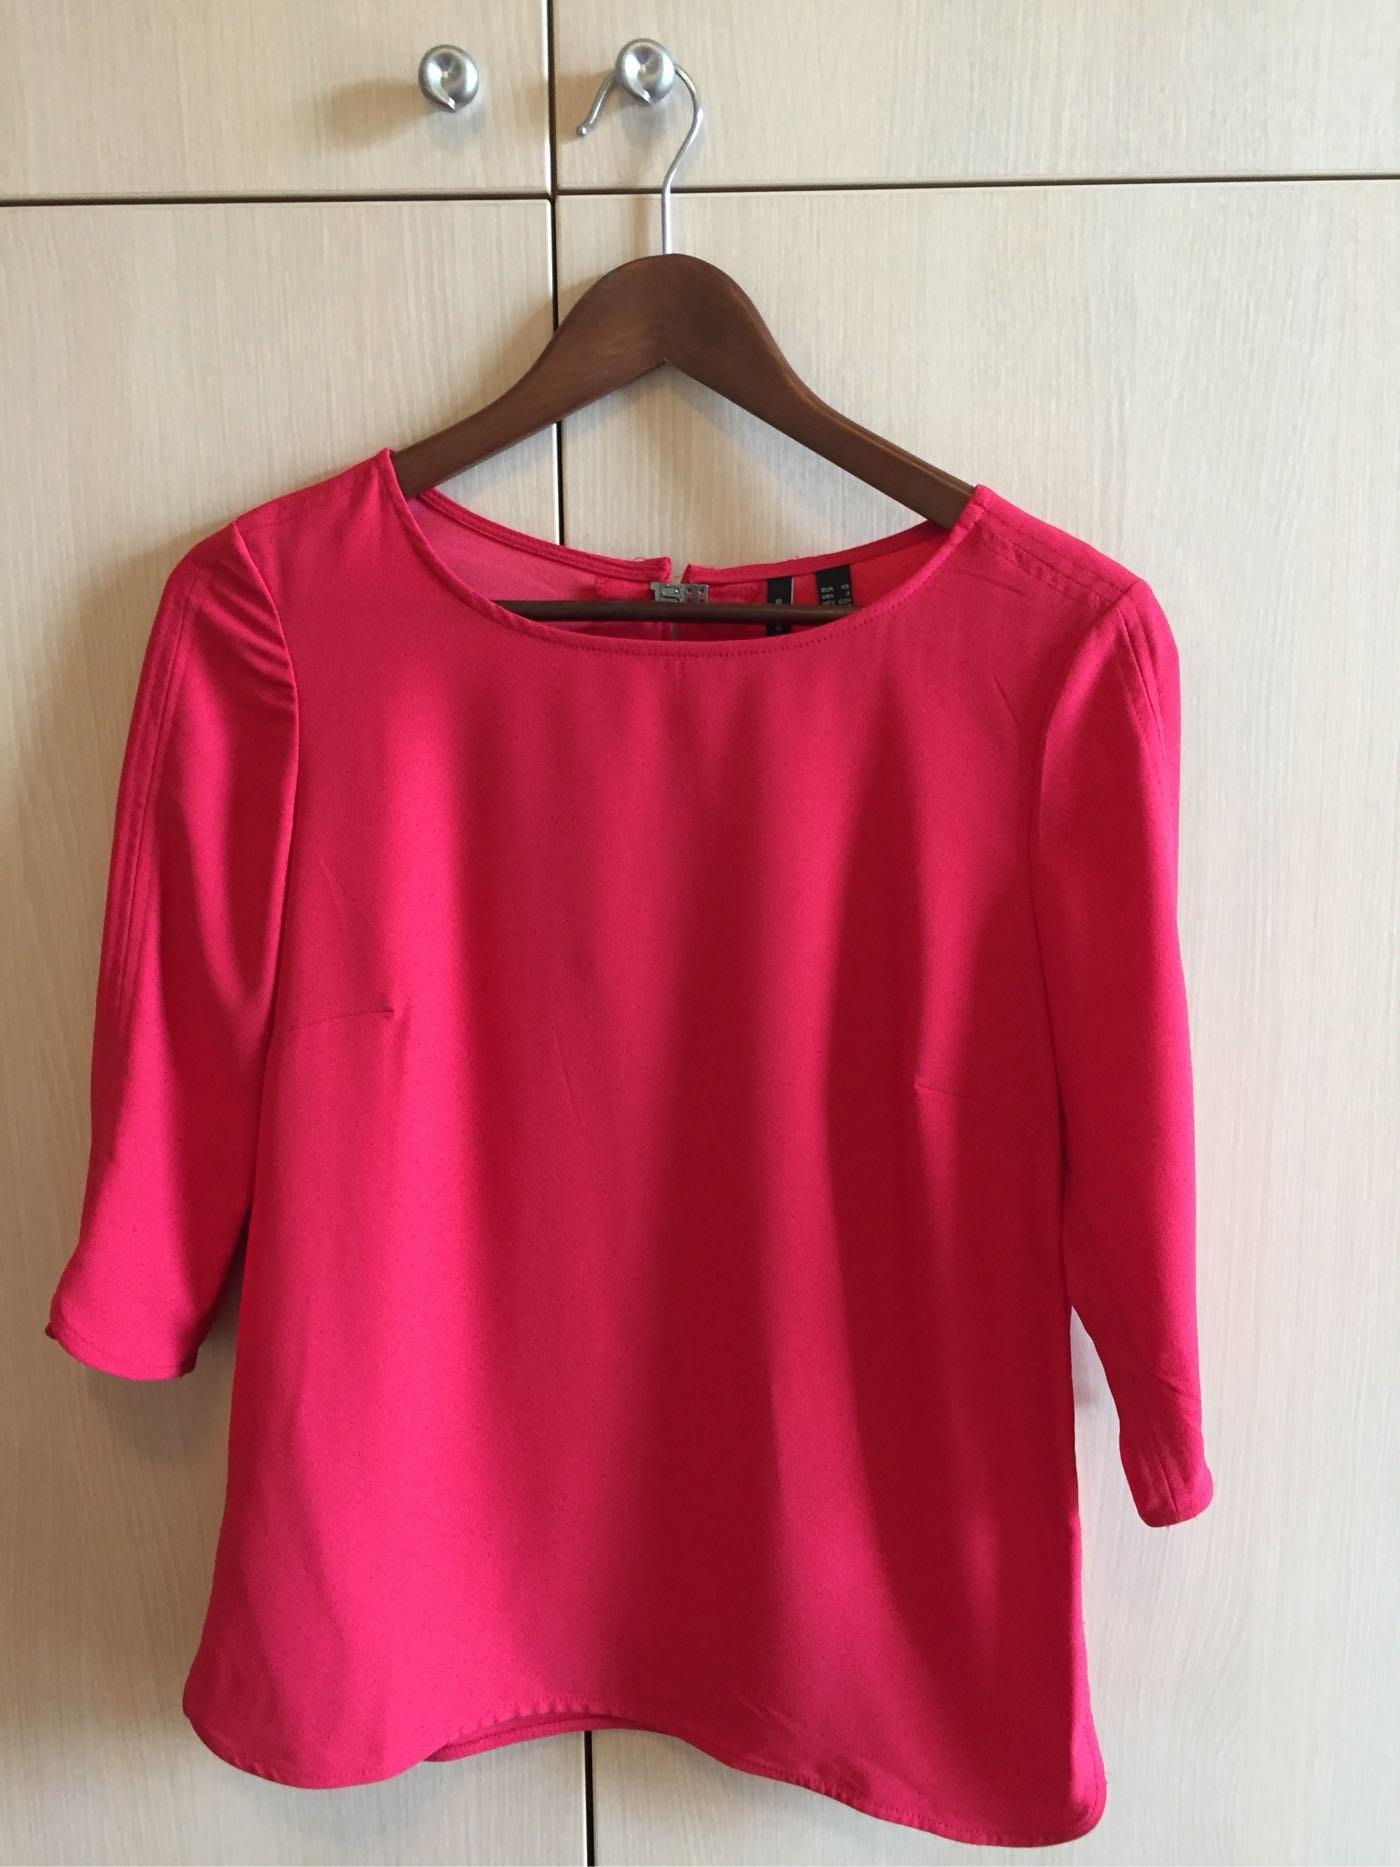 MANGO紅色七分袖上衣